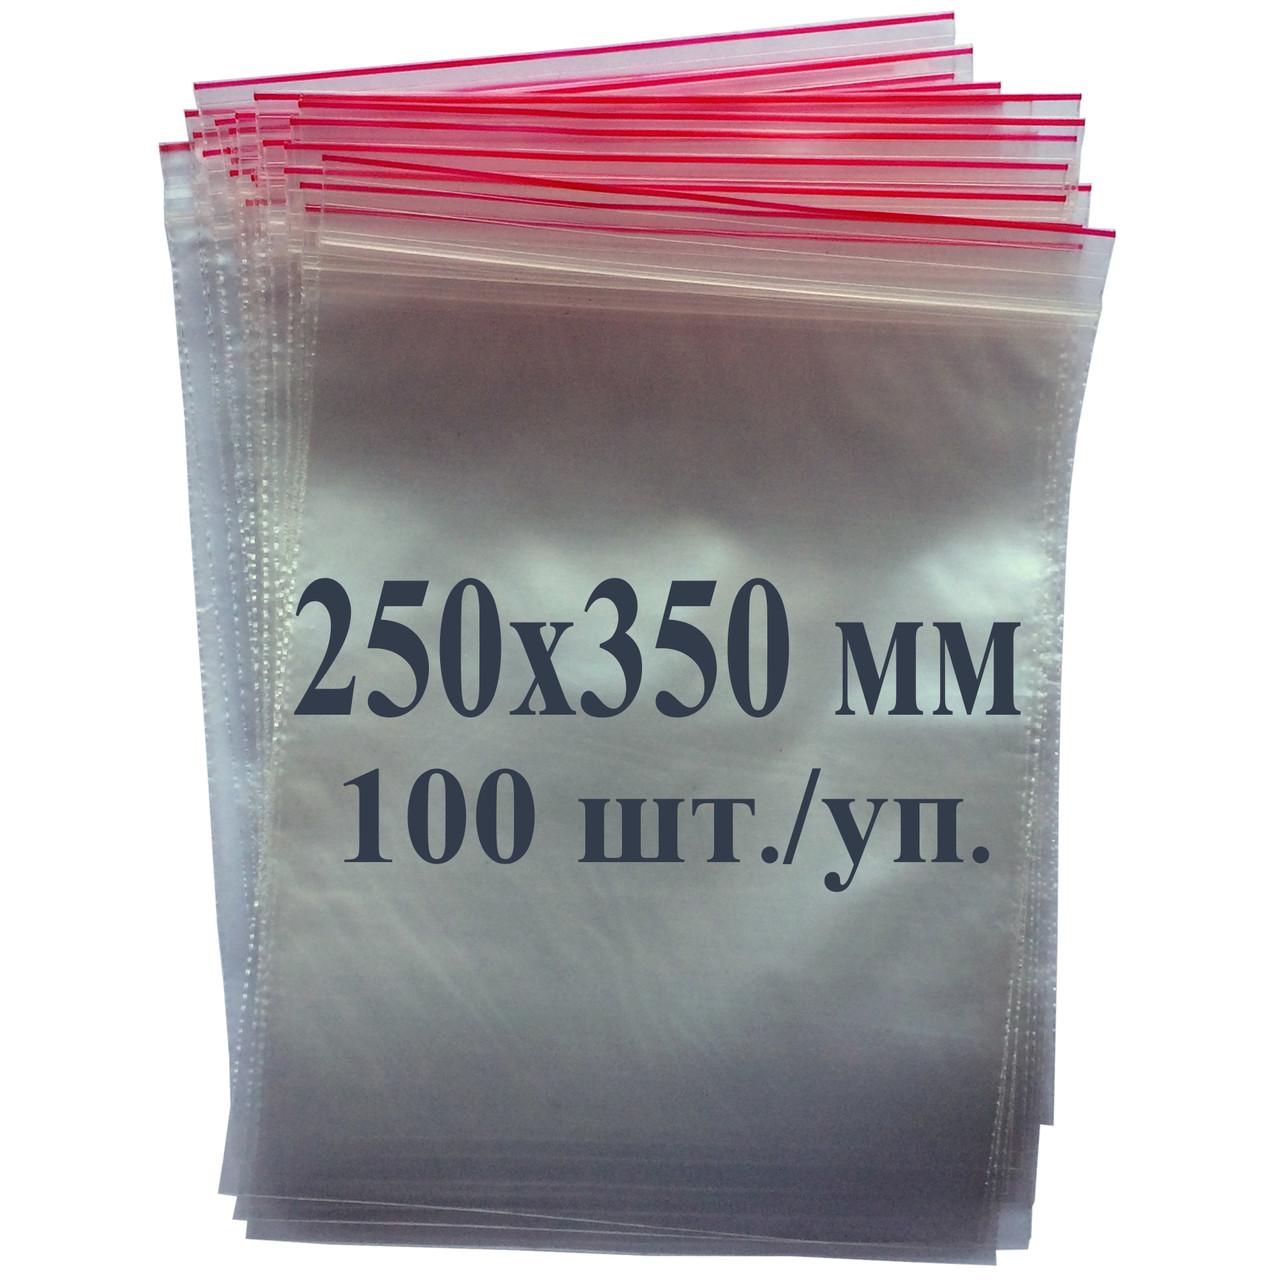 Пакет із застібкою Zip-lock 250*350 мм